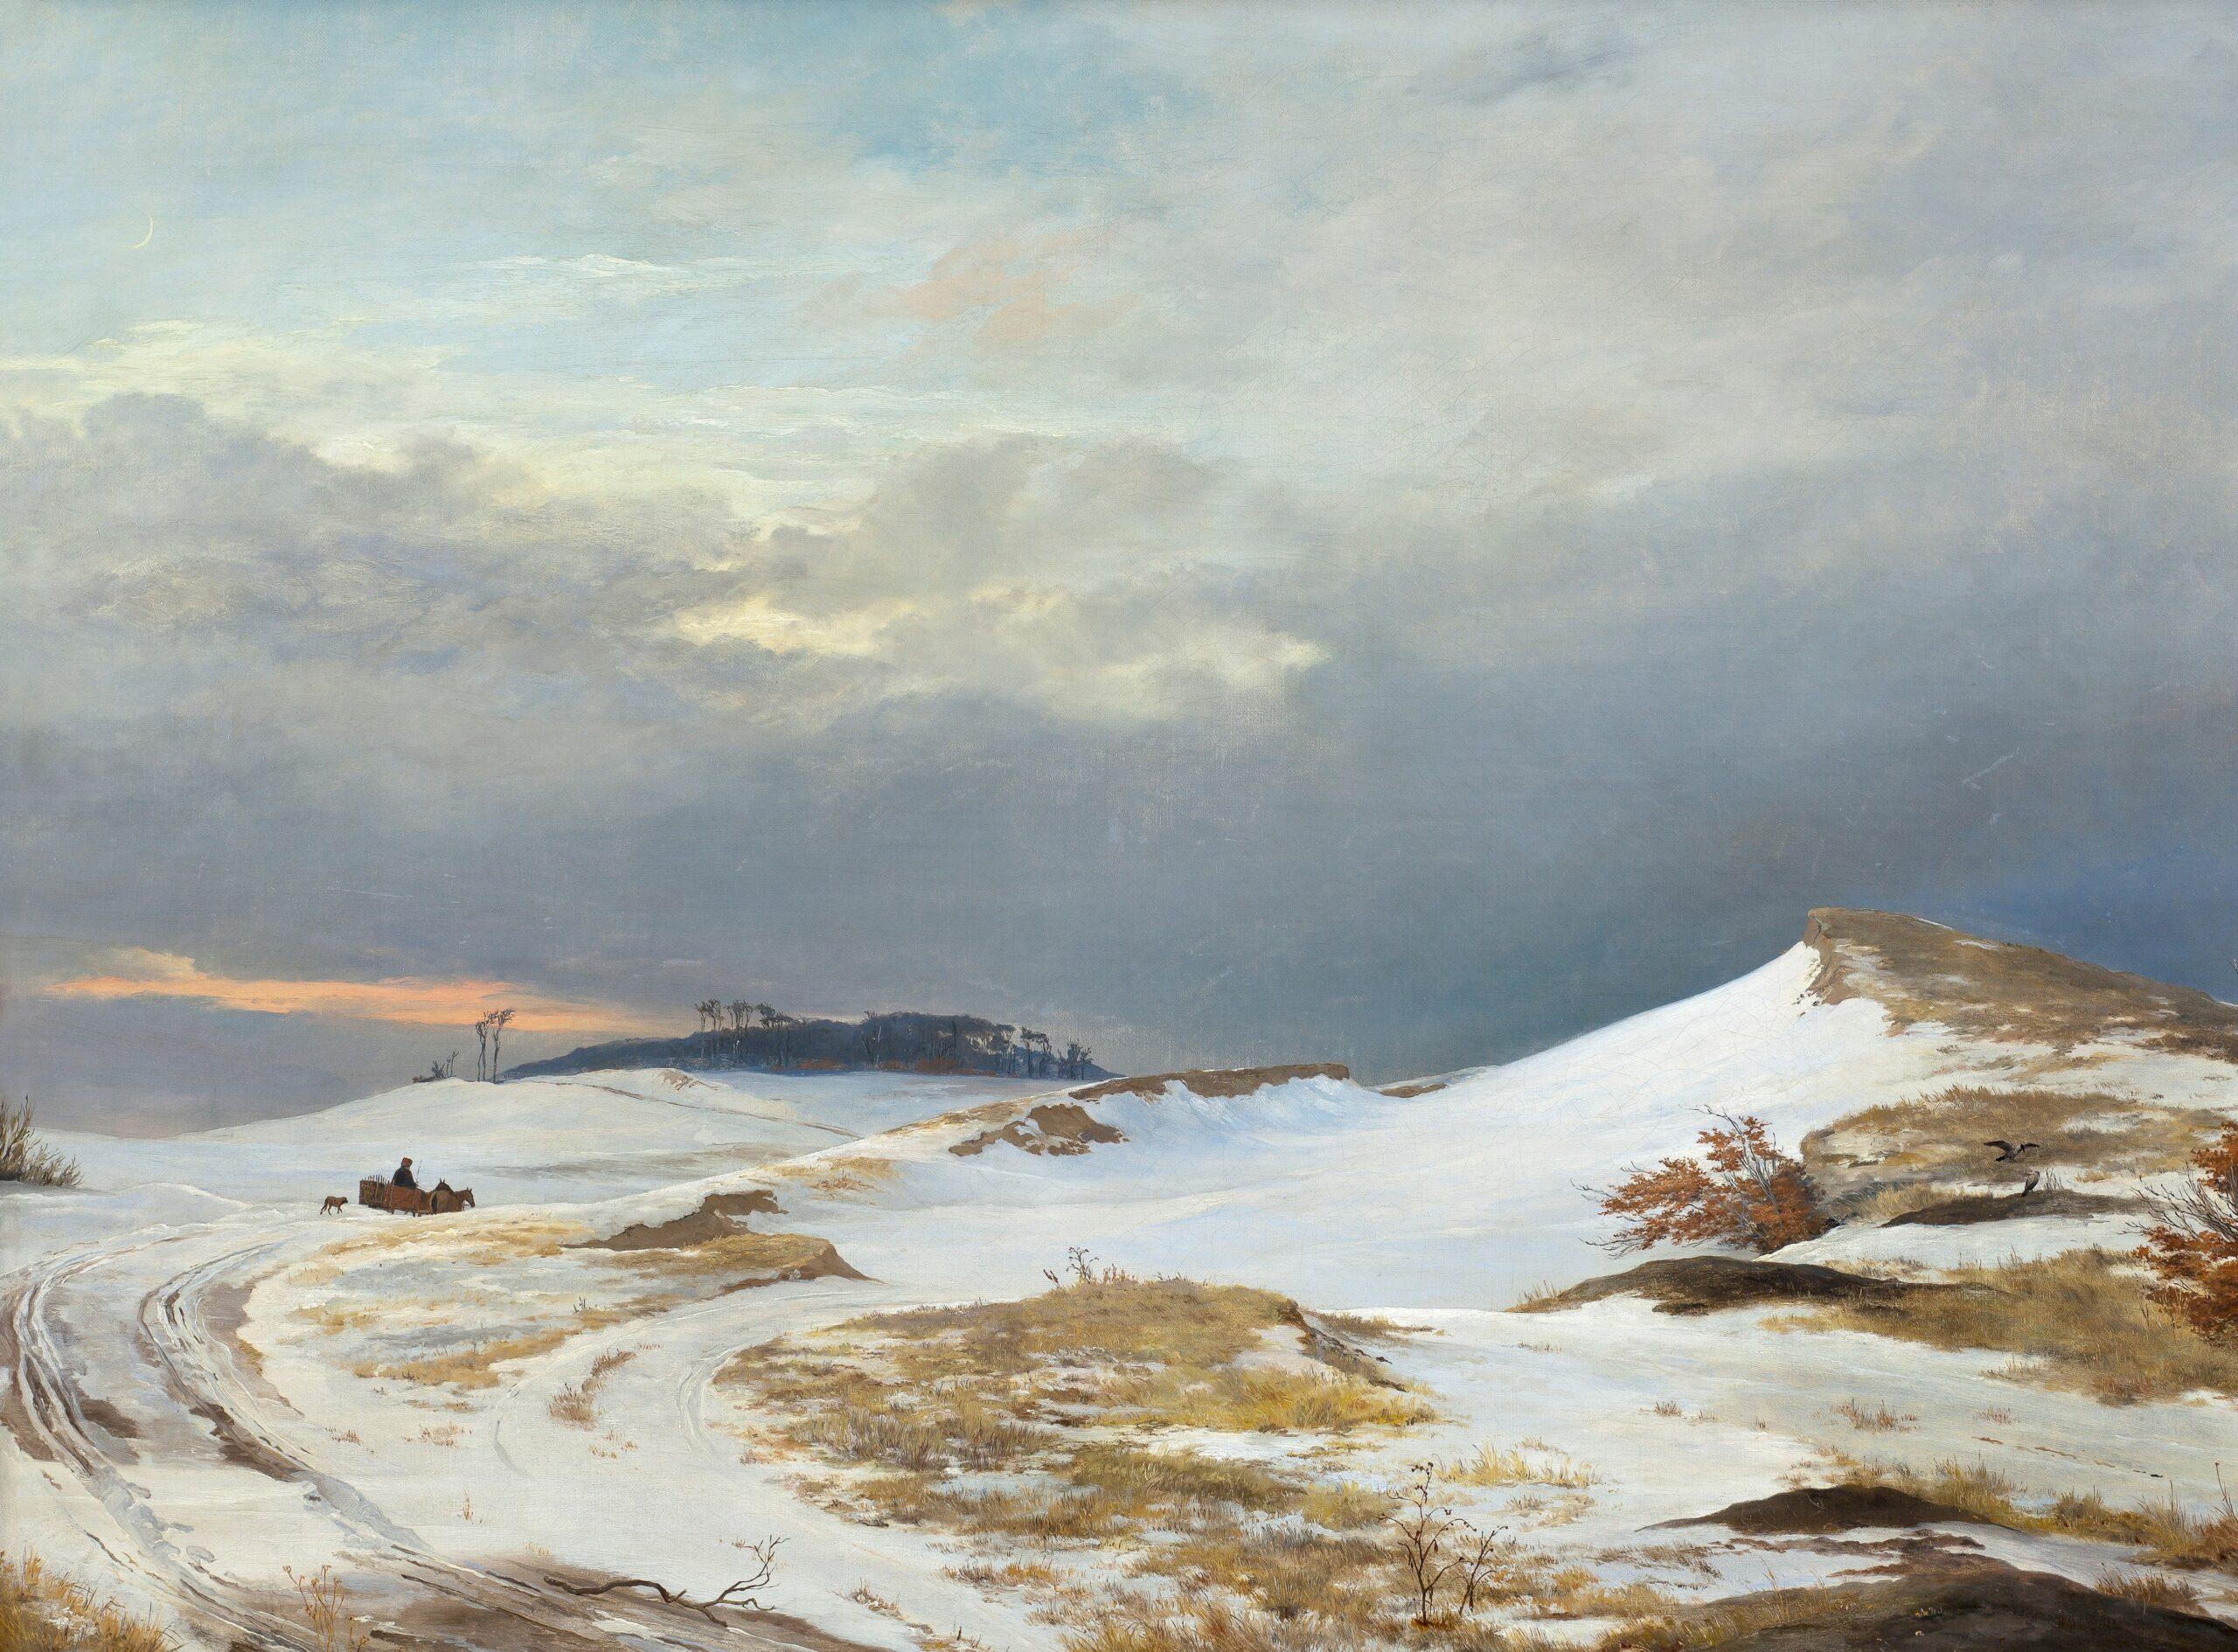 Maleri af J. Th. Lundbye, 'Vinterlandskab i nordsjællandsk karakter', 1841. Nivaagaards Malerisamling